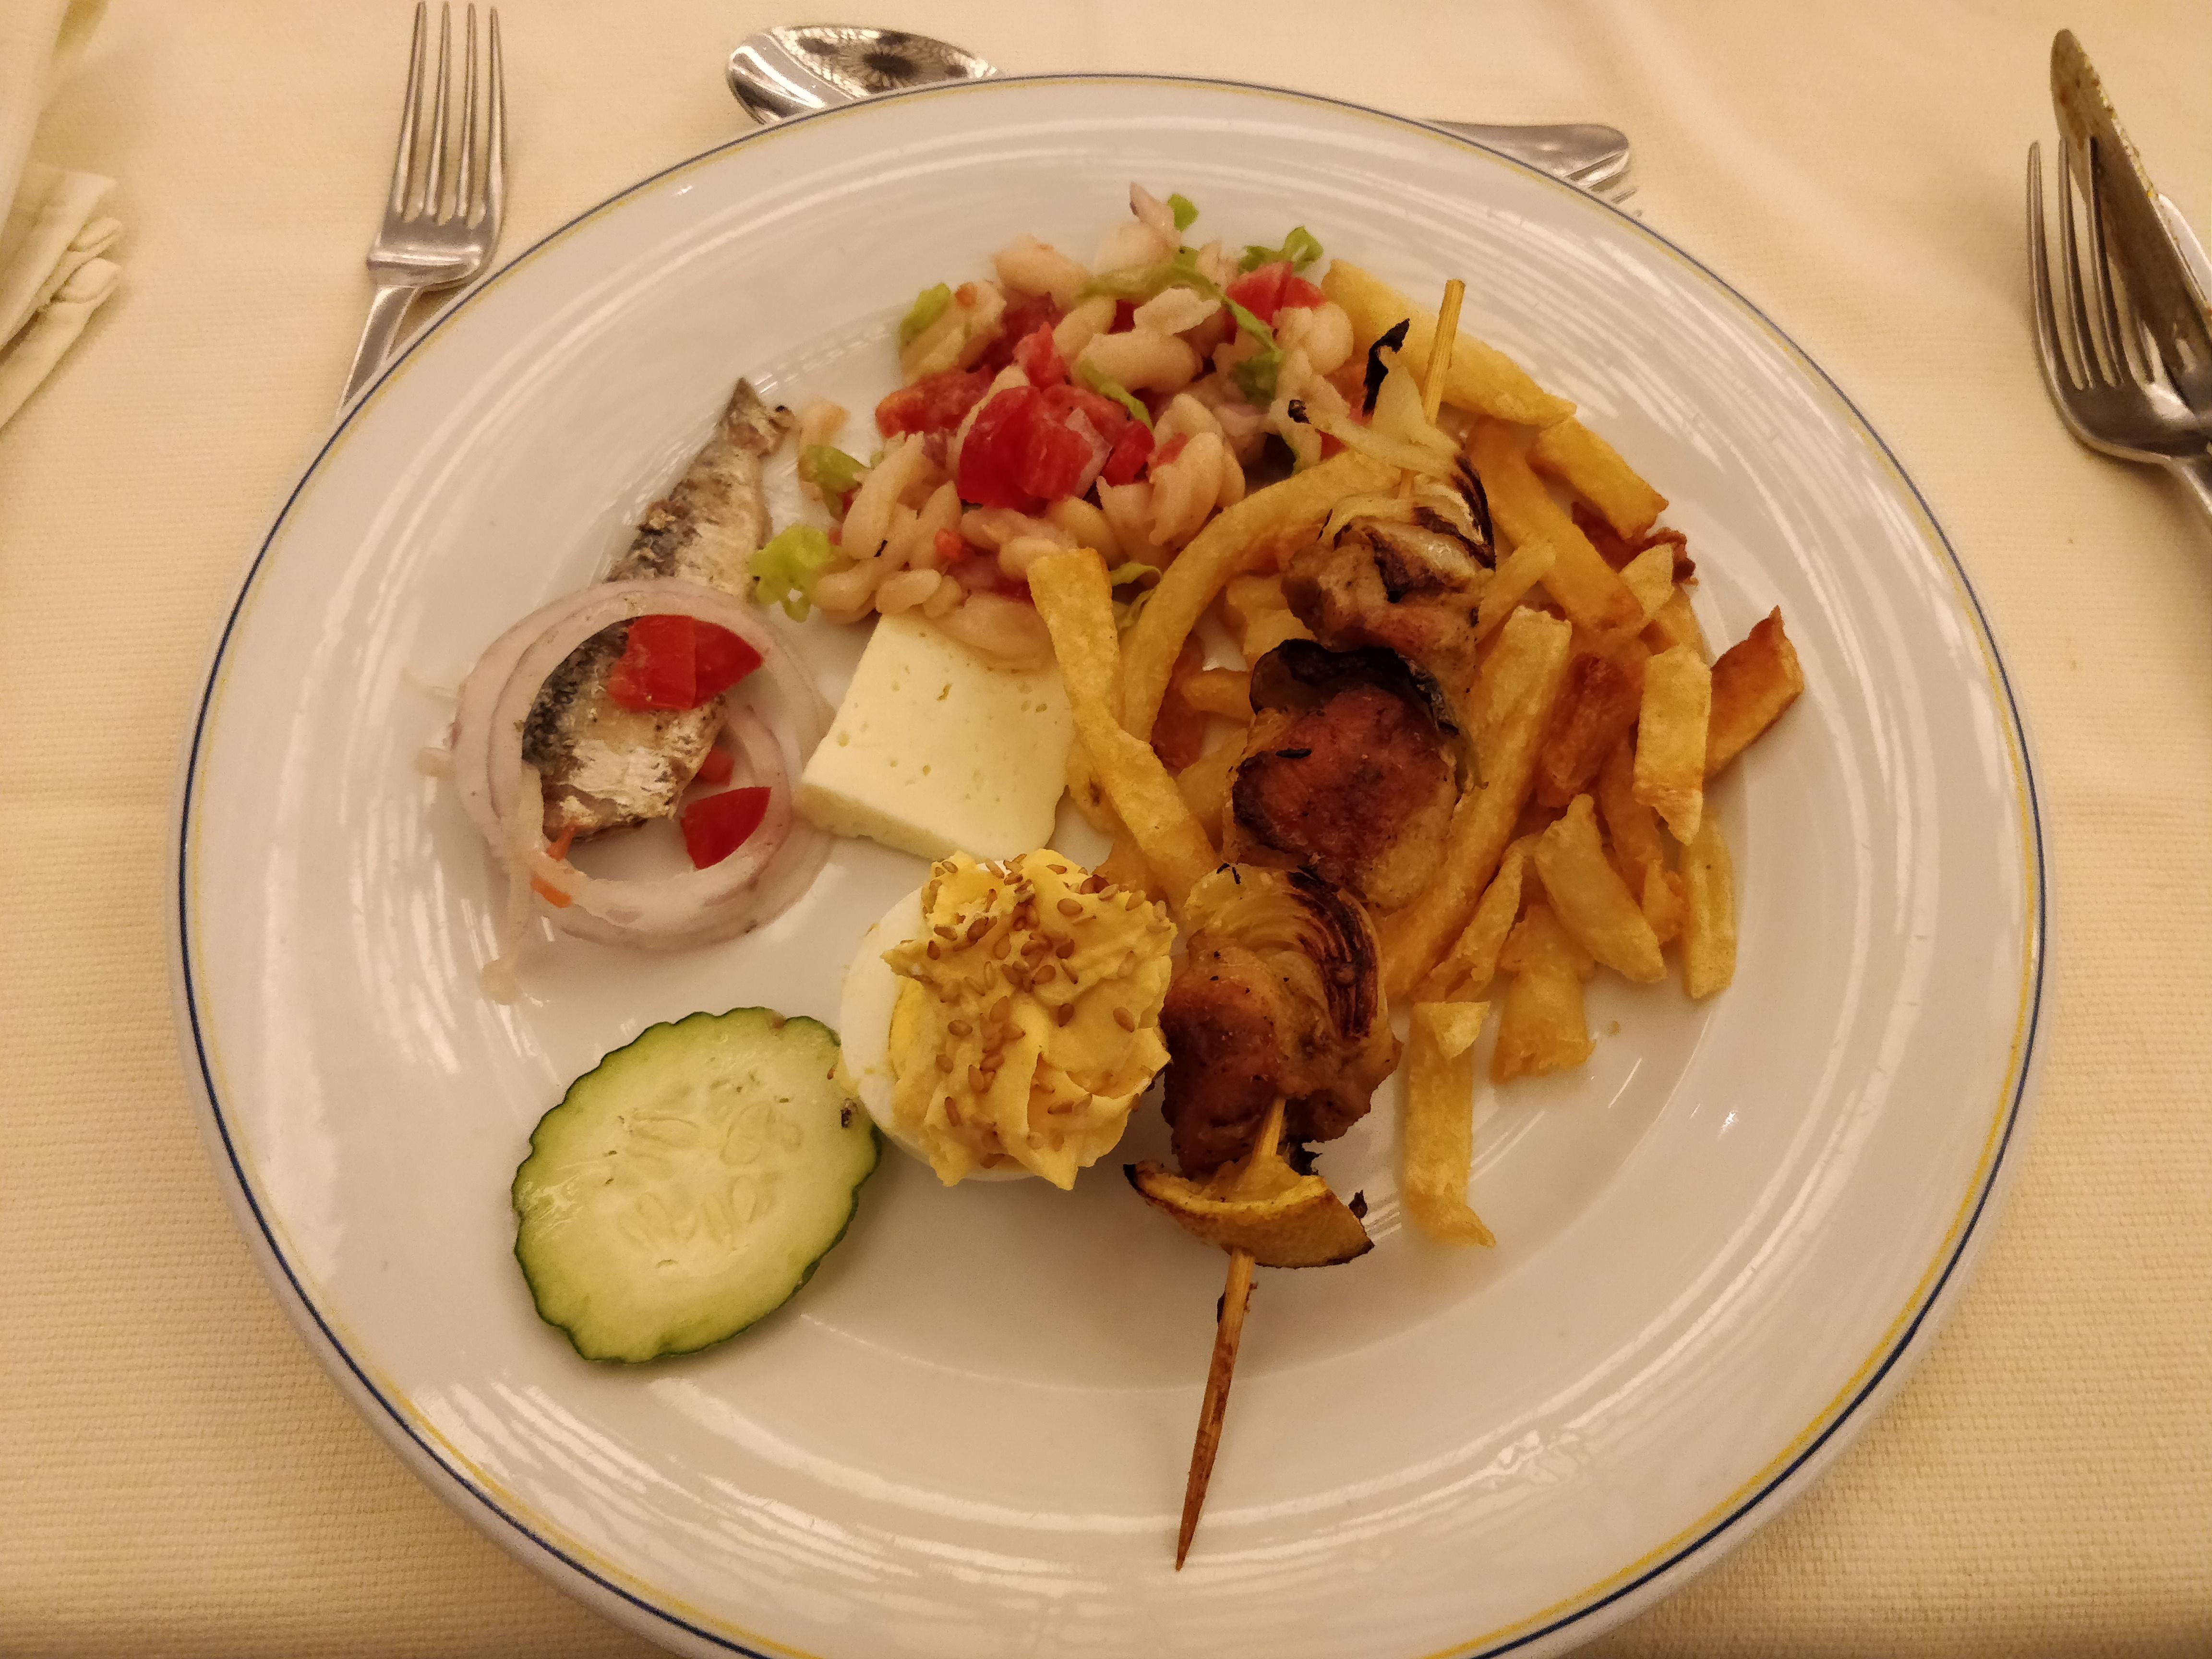 http://foodloader.net/nico_2018-10-28_royal-el-mansour-2.jpg